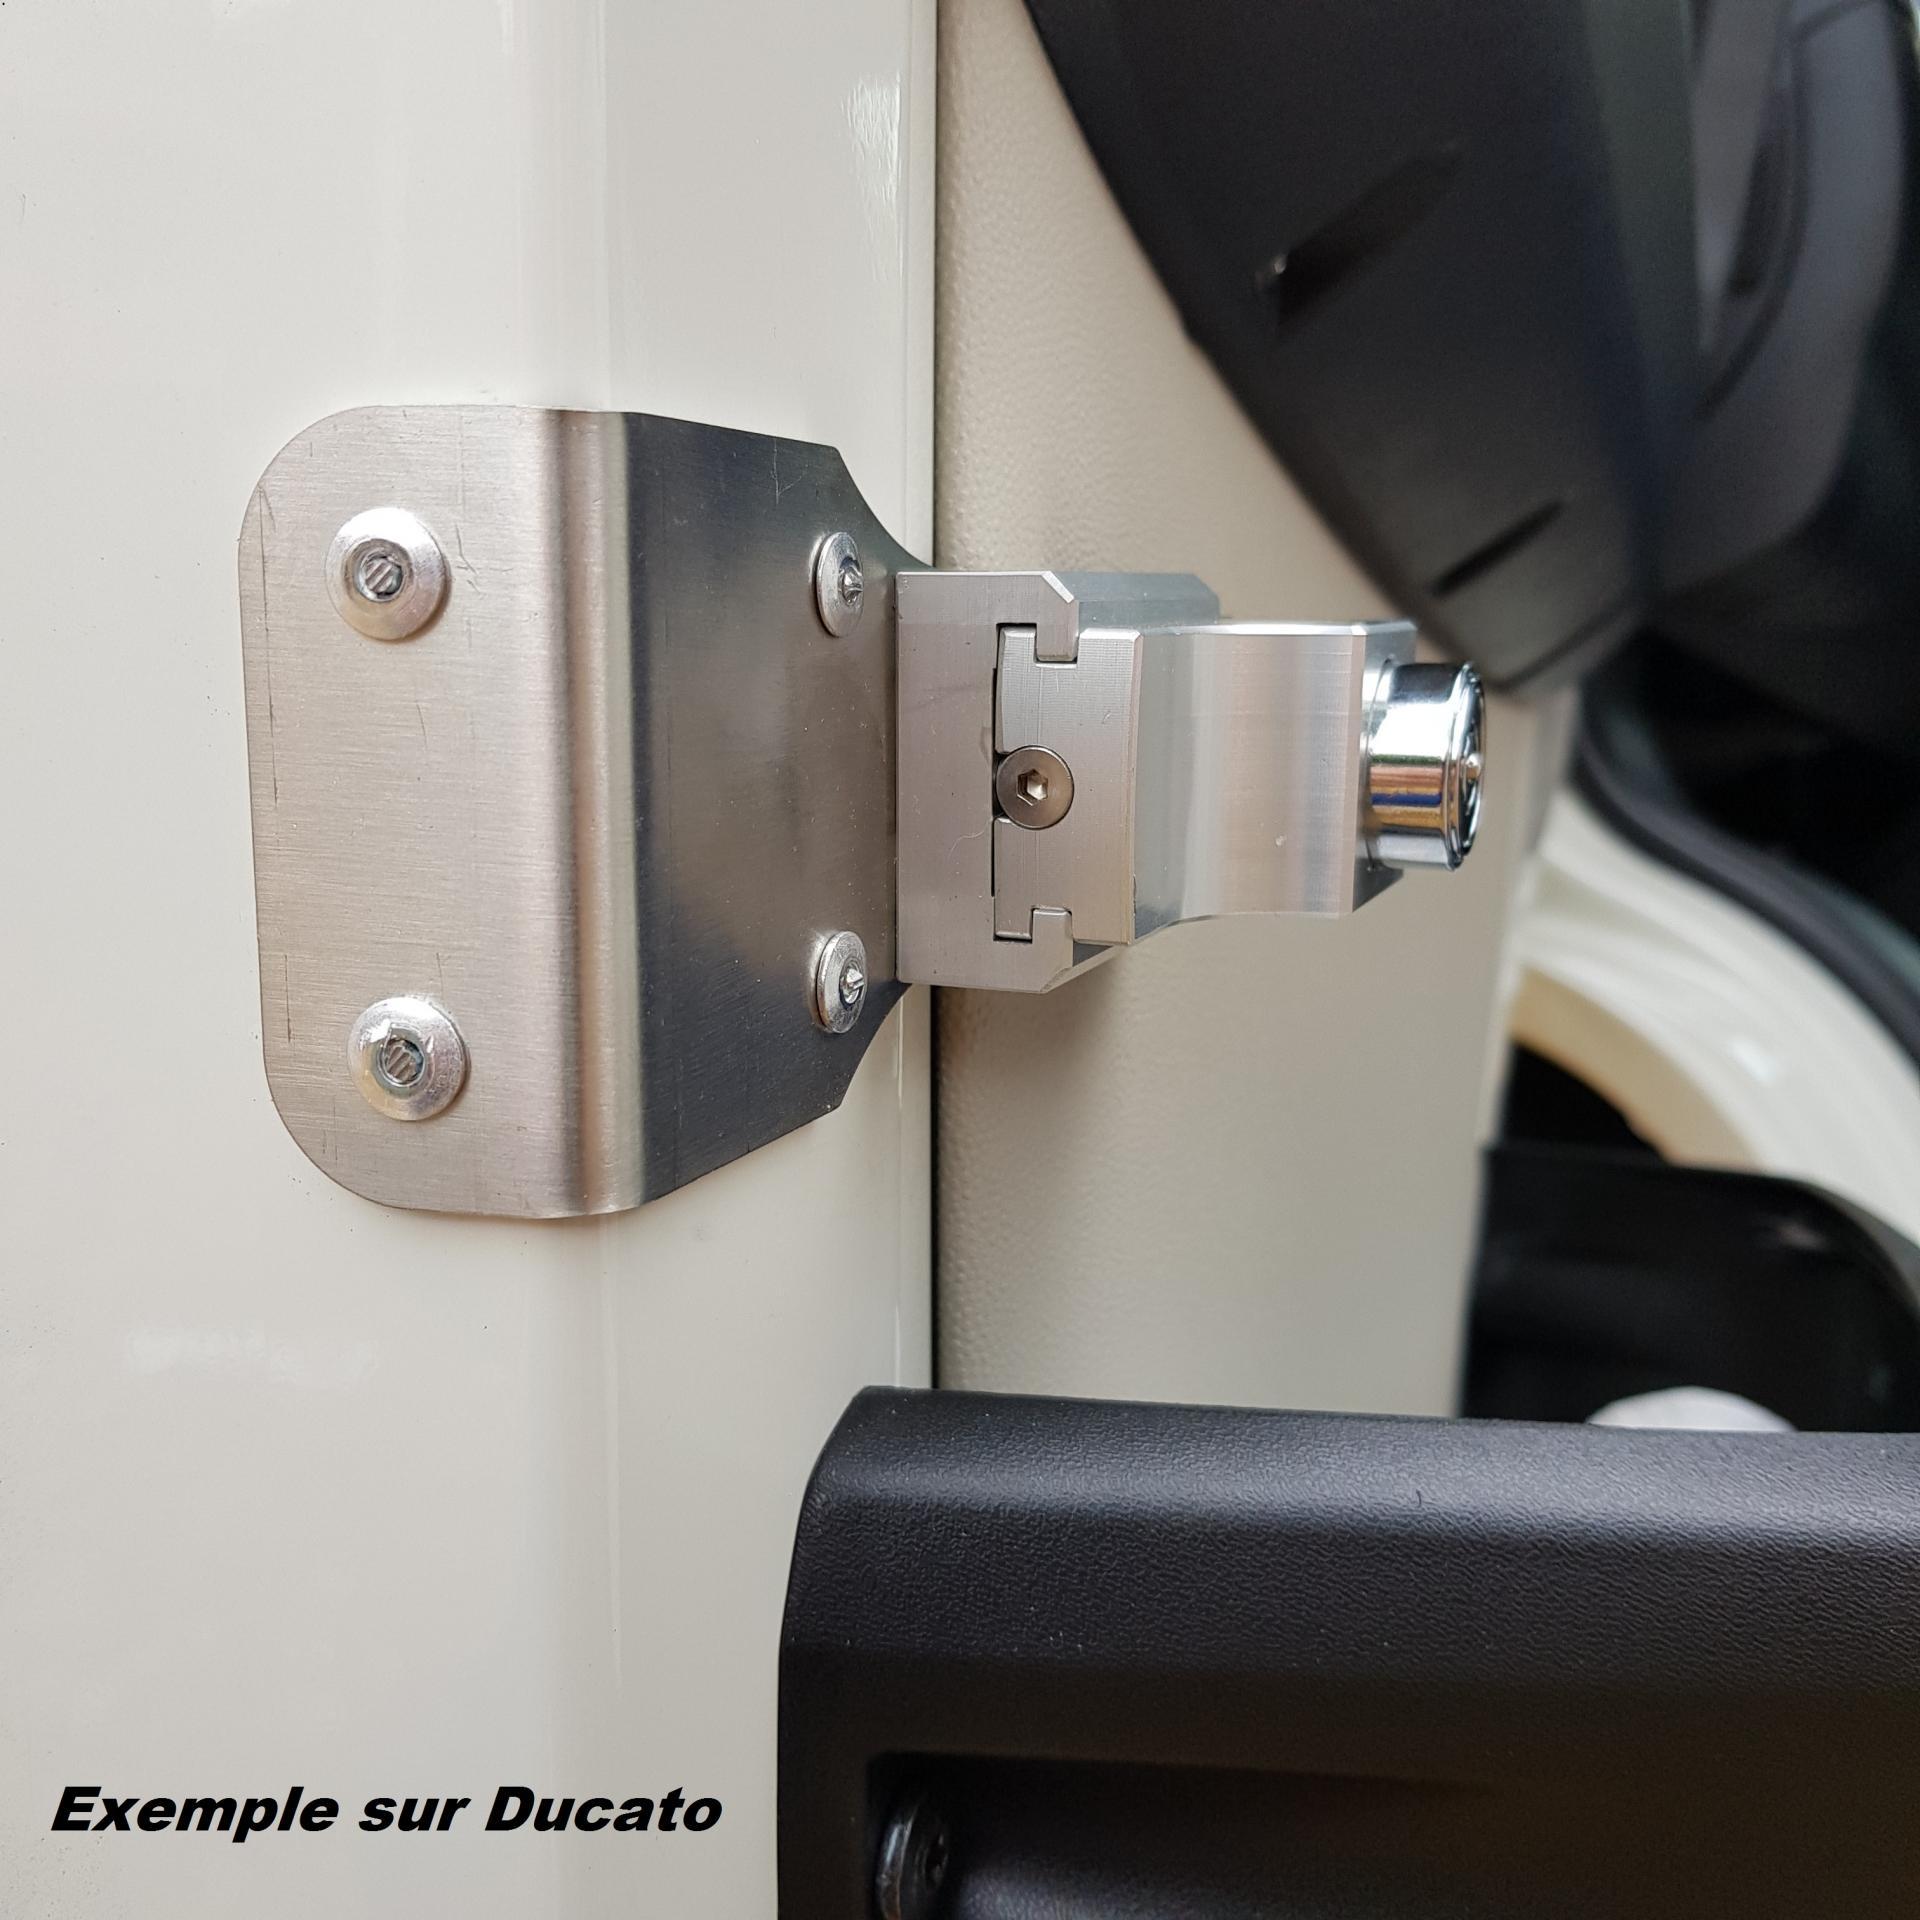 Verrou a cle imc pour les portes avant ds camping cars profiles jpg